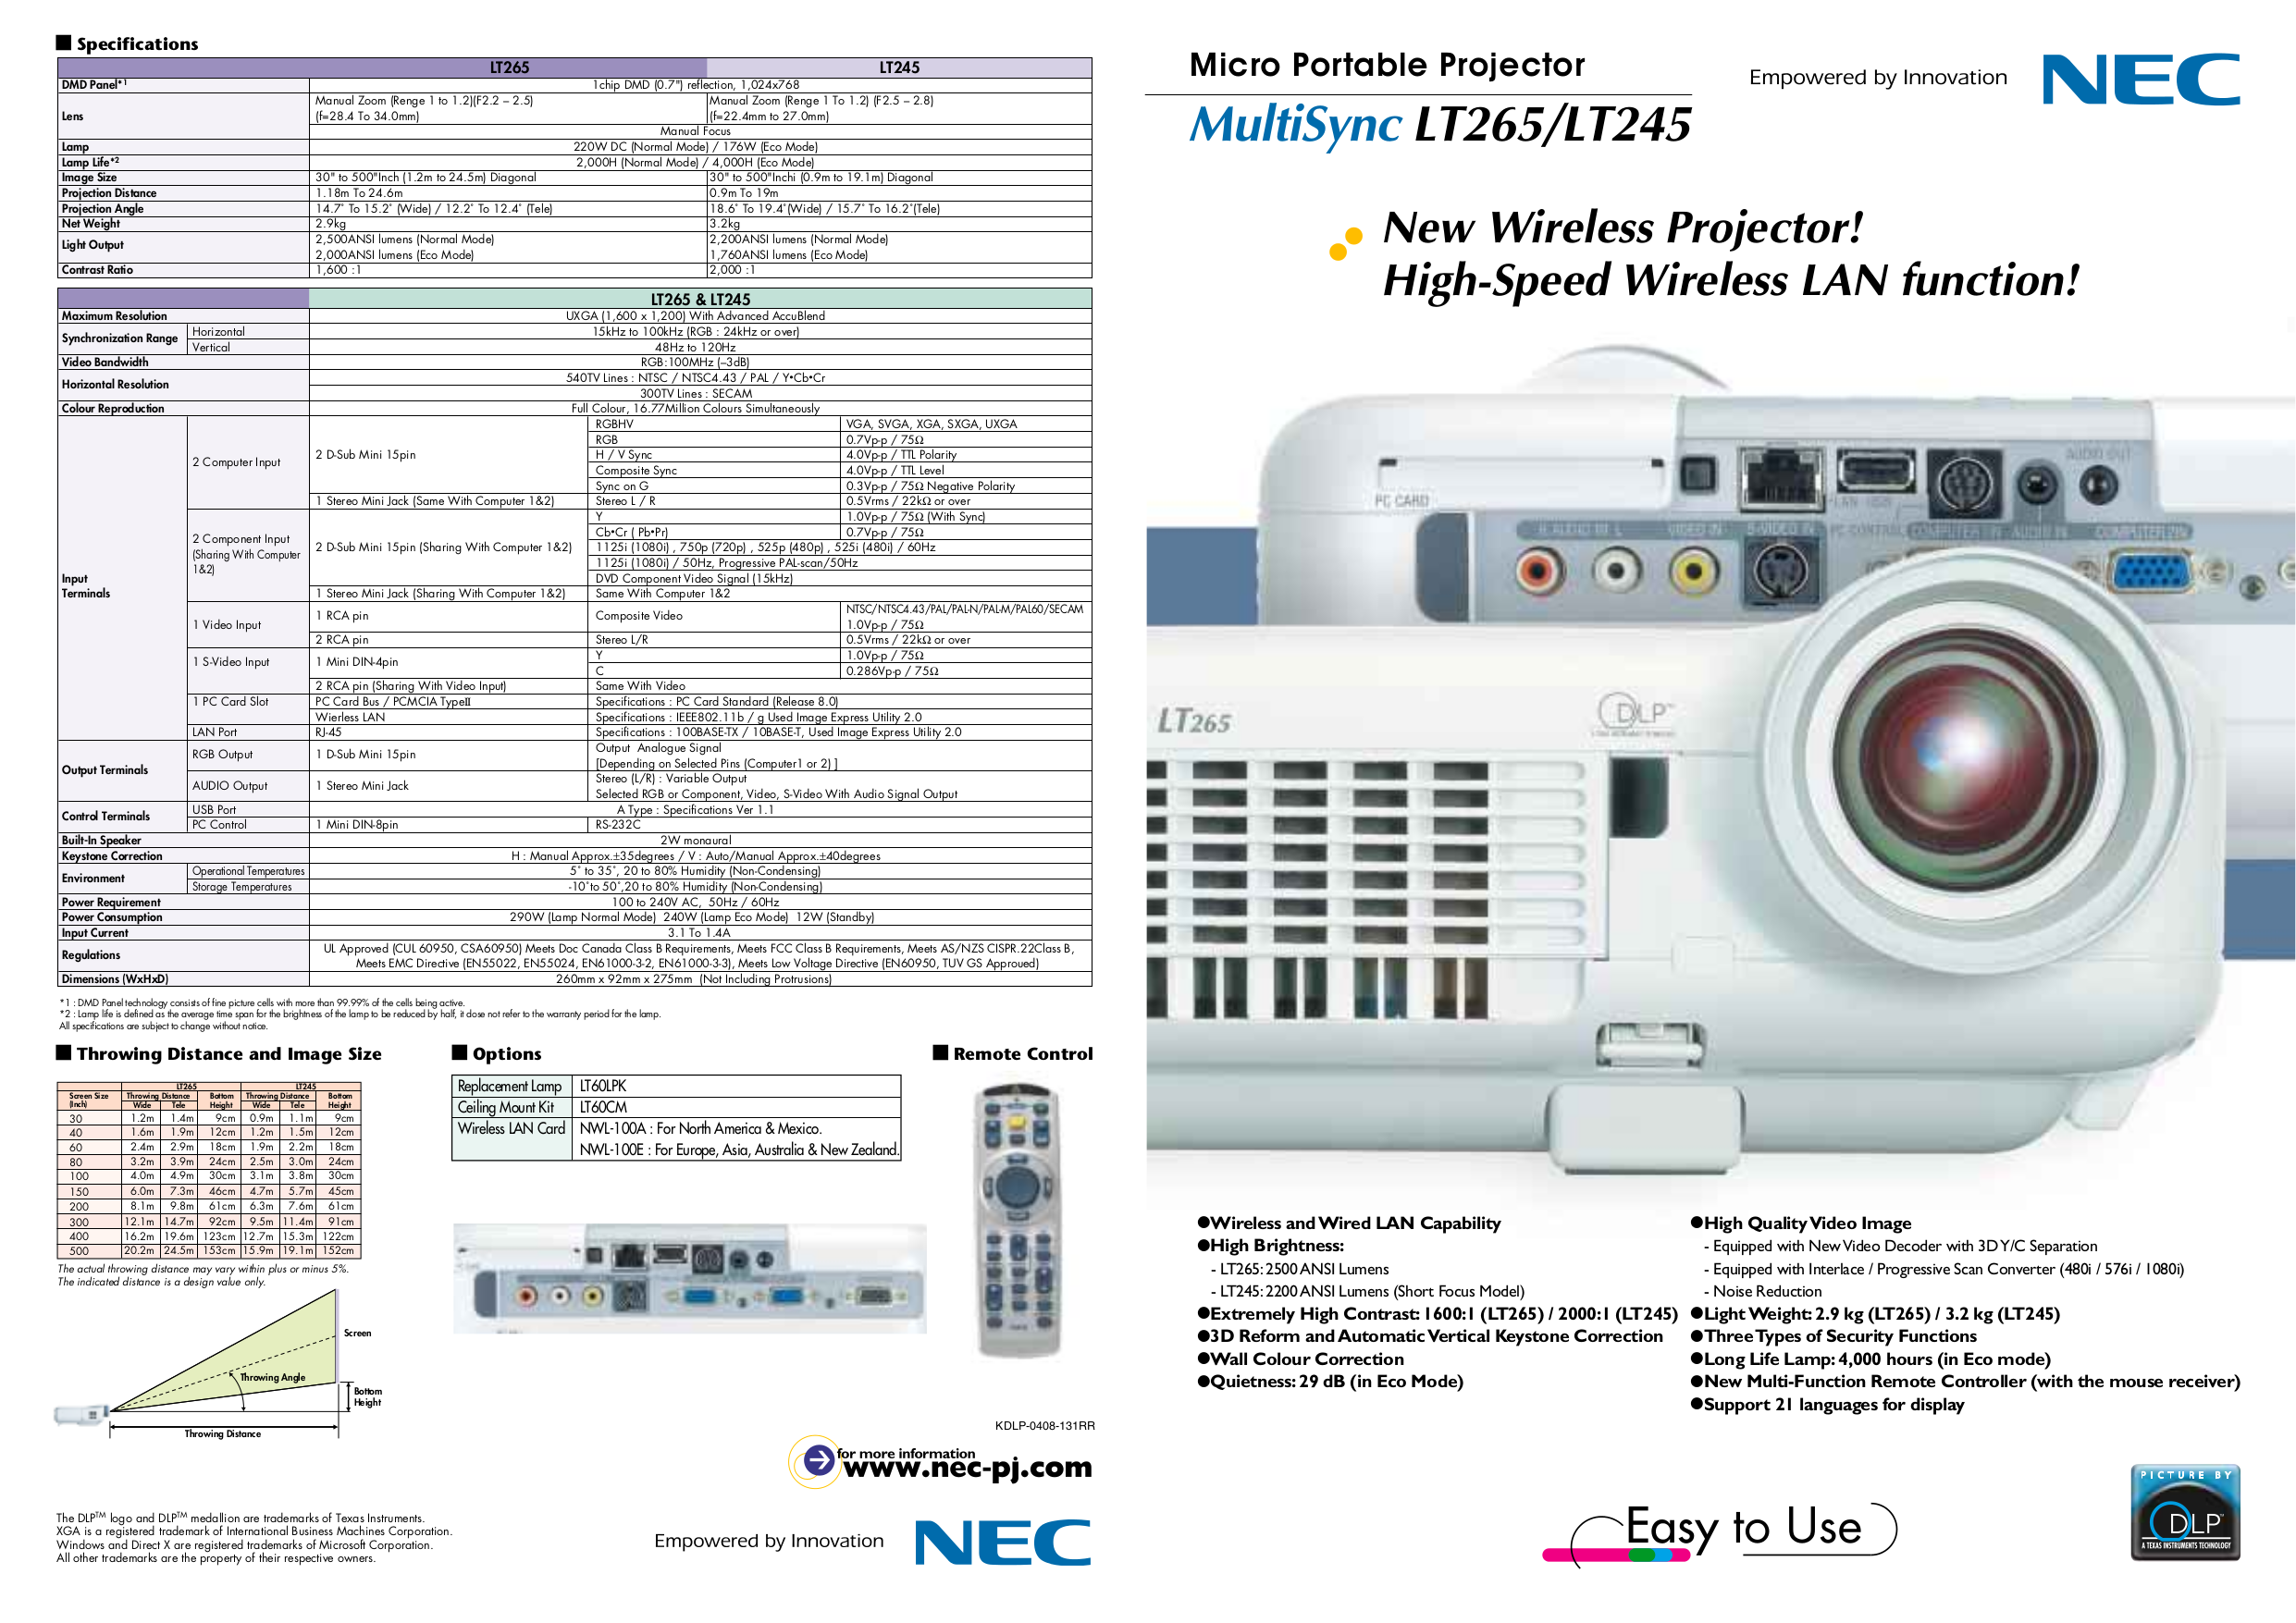 download free pdf for nec multisync lt245 projector manual rh umlib com NEC Overhead Projector NEC Projectors Troubleshooting